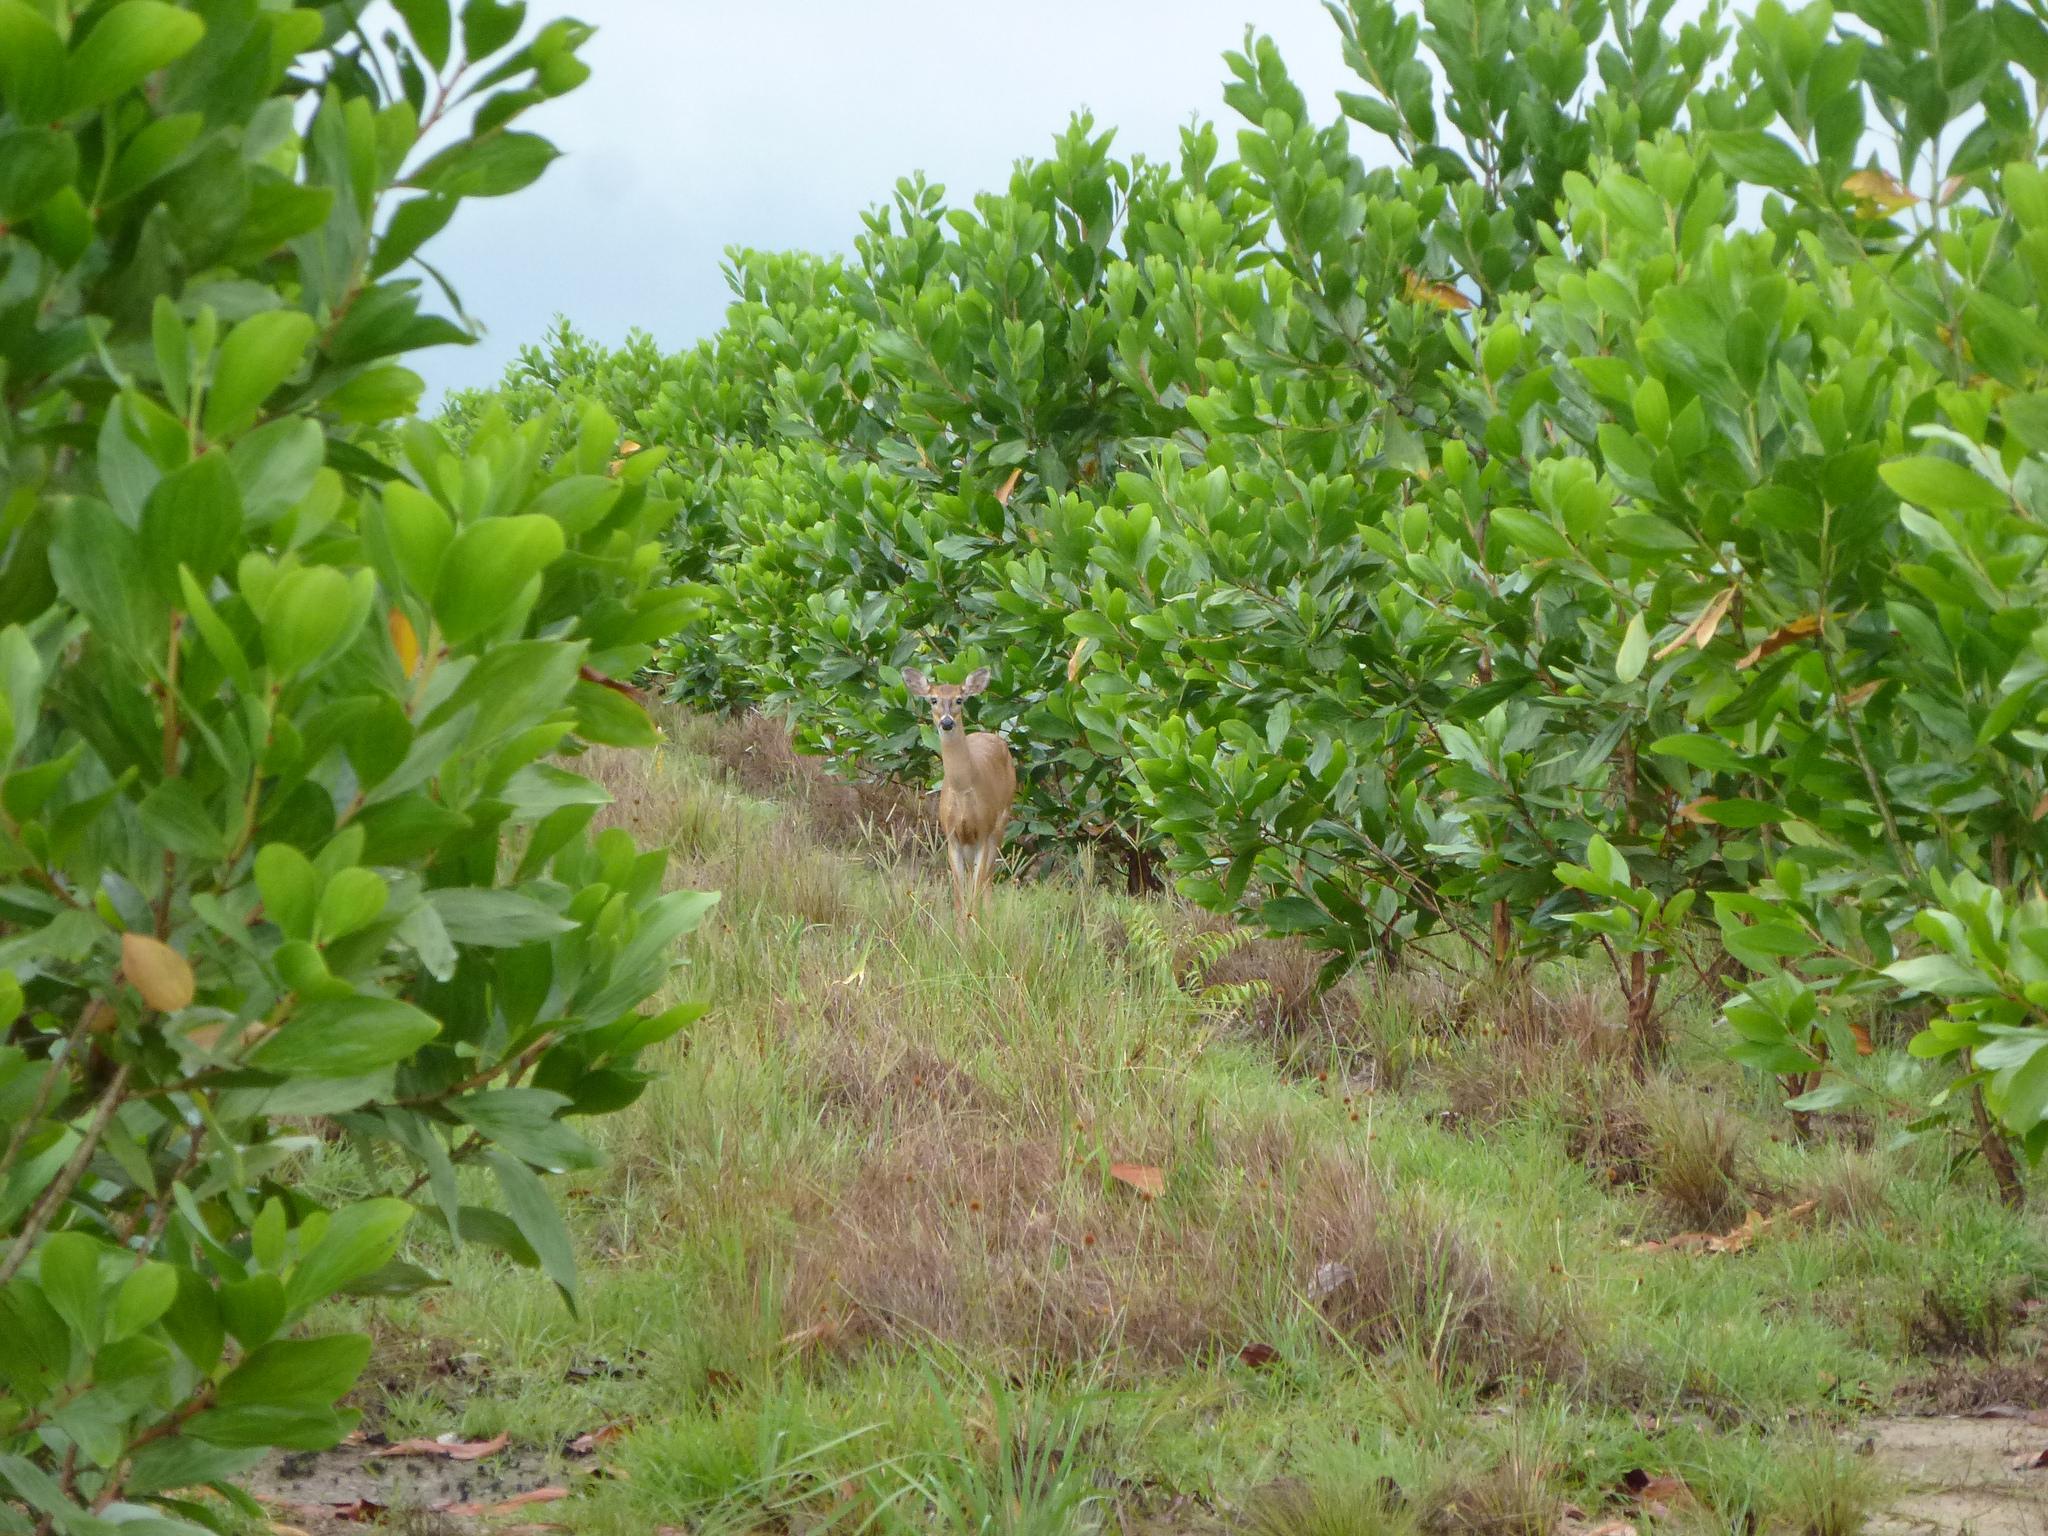 Akazienforst in Kolumbien. Die Bäume bereiten den Boden auf eine spätere Bepflanzung mit Mischwald vor. Foto: ForestFinance